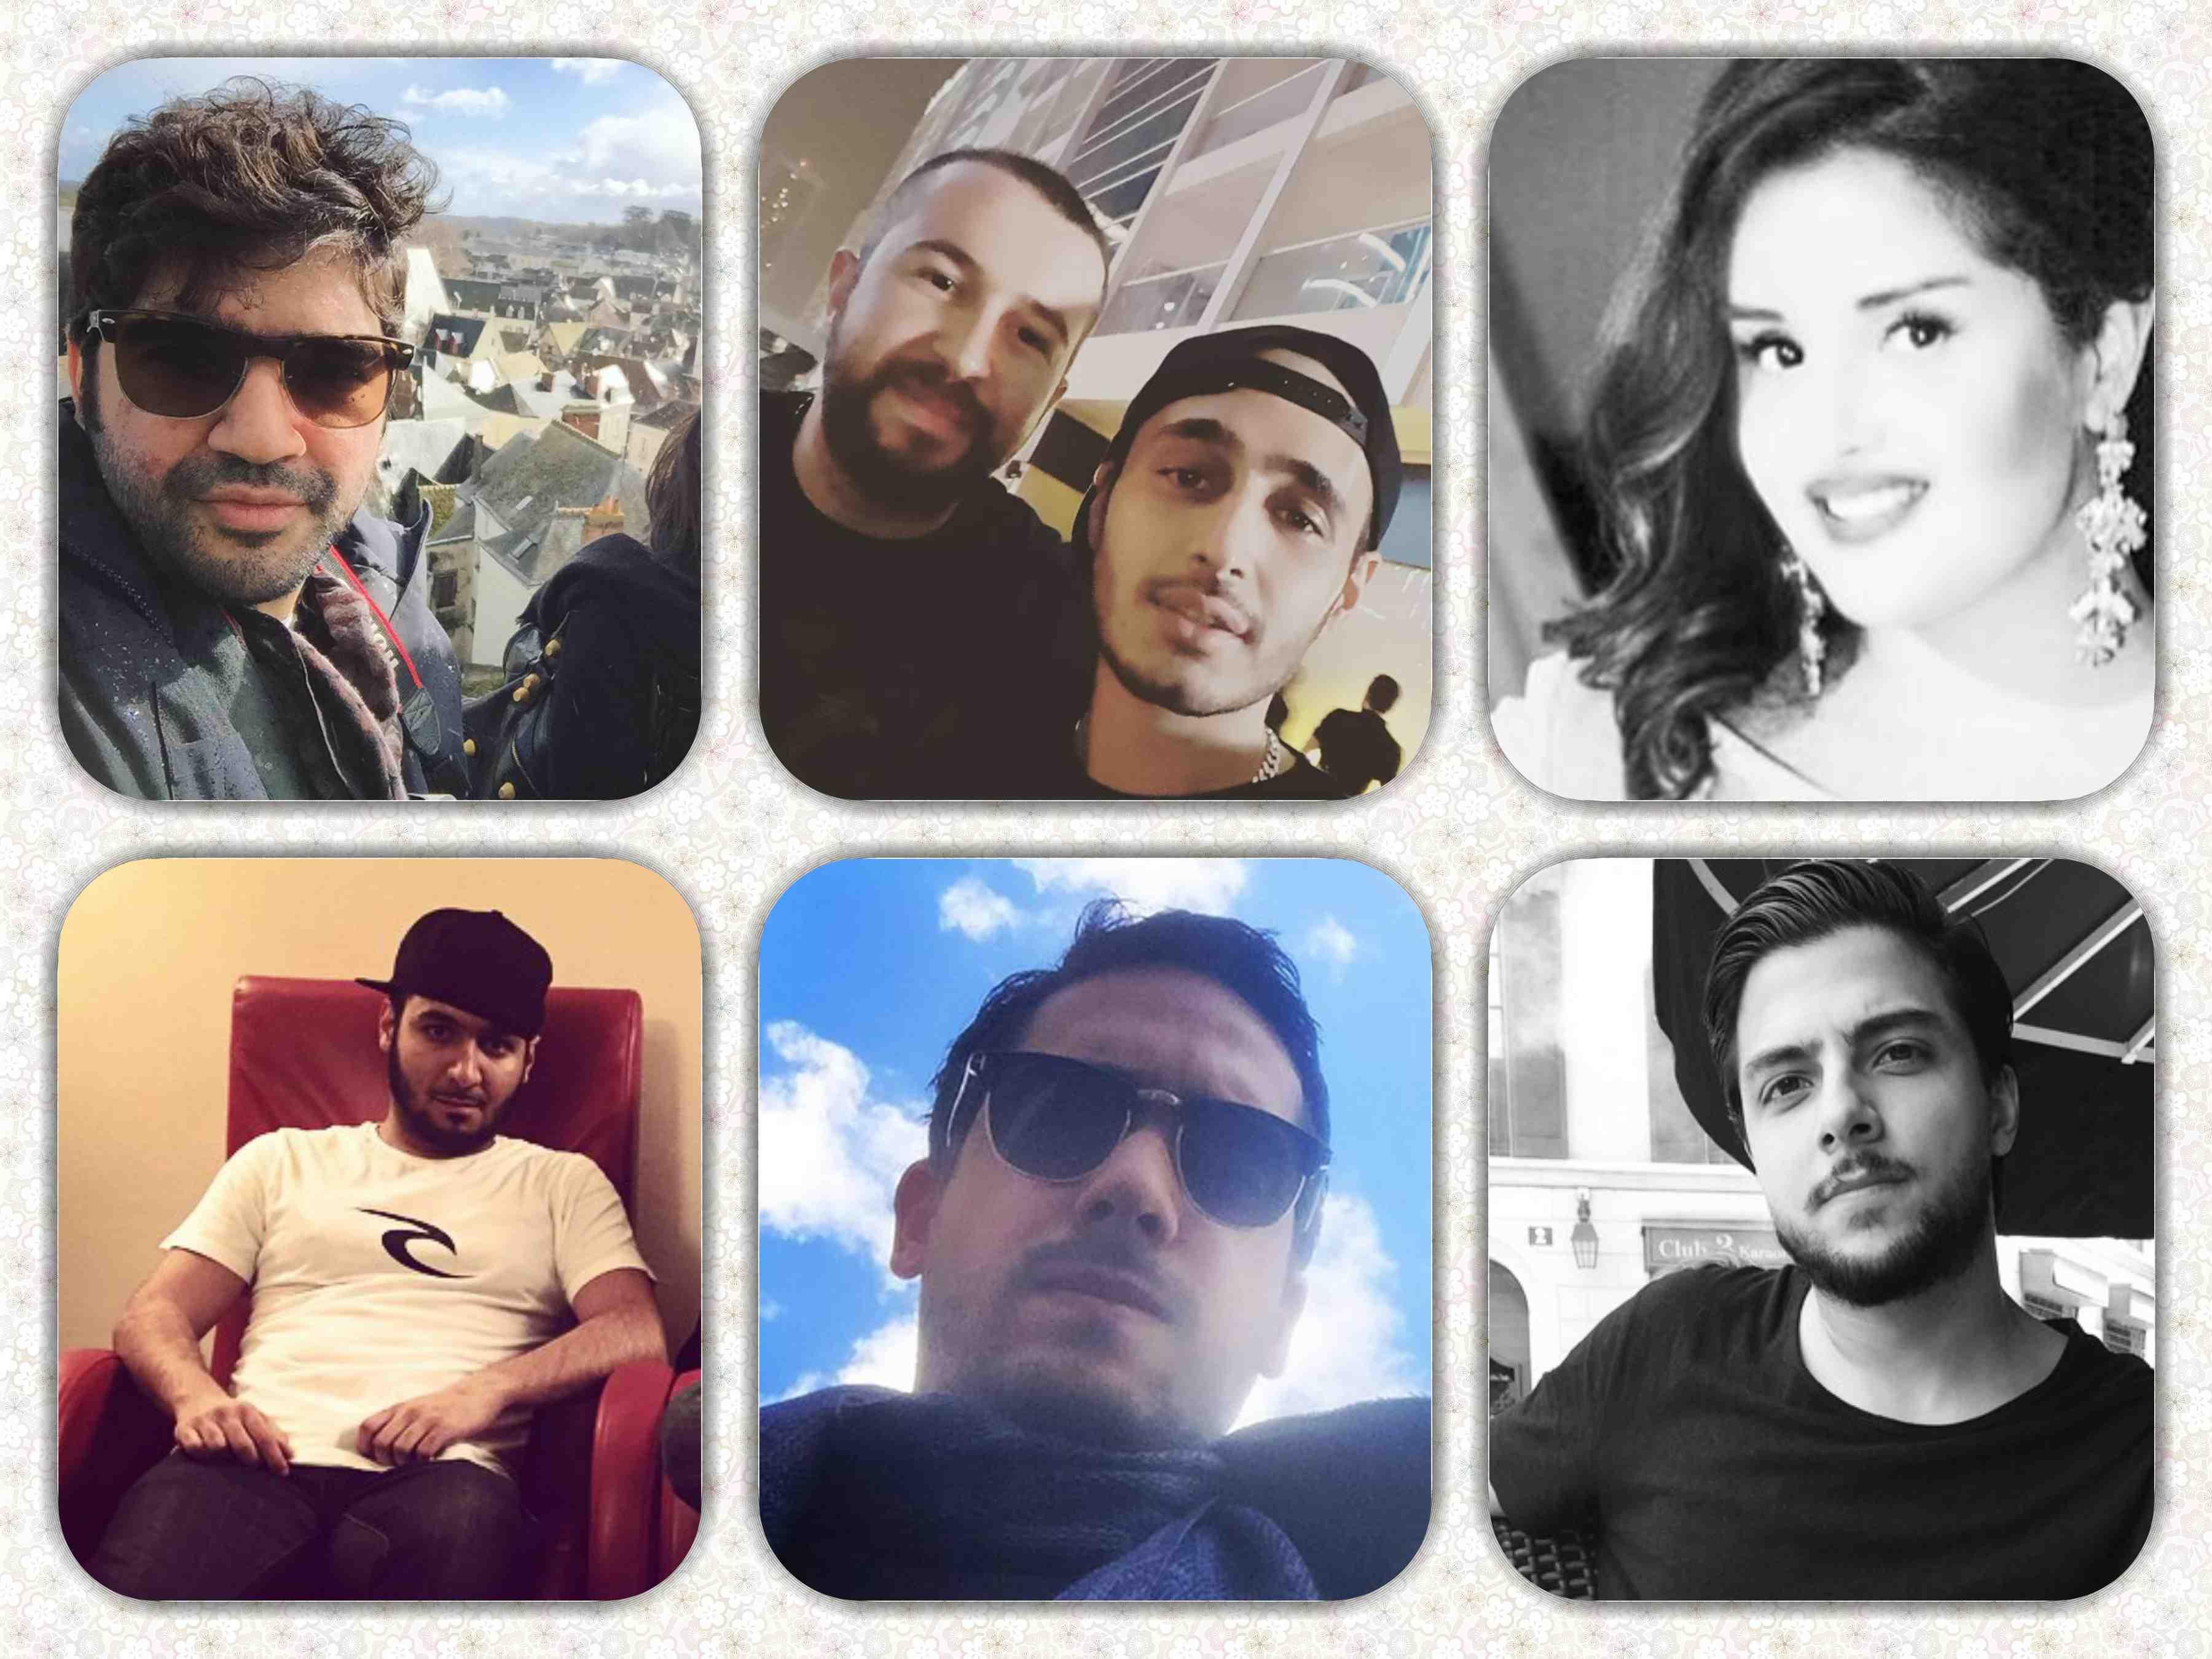 بیوگرافی افراد گروه زدبازی (زاخار بازی) سامان ویلسون، مهراد هیدن، سهراب ام جی، سیاوش سیجل، علیرضا جی جی، نسیم